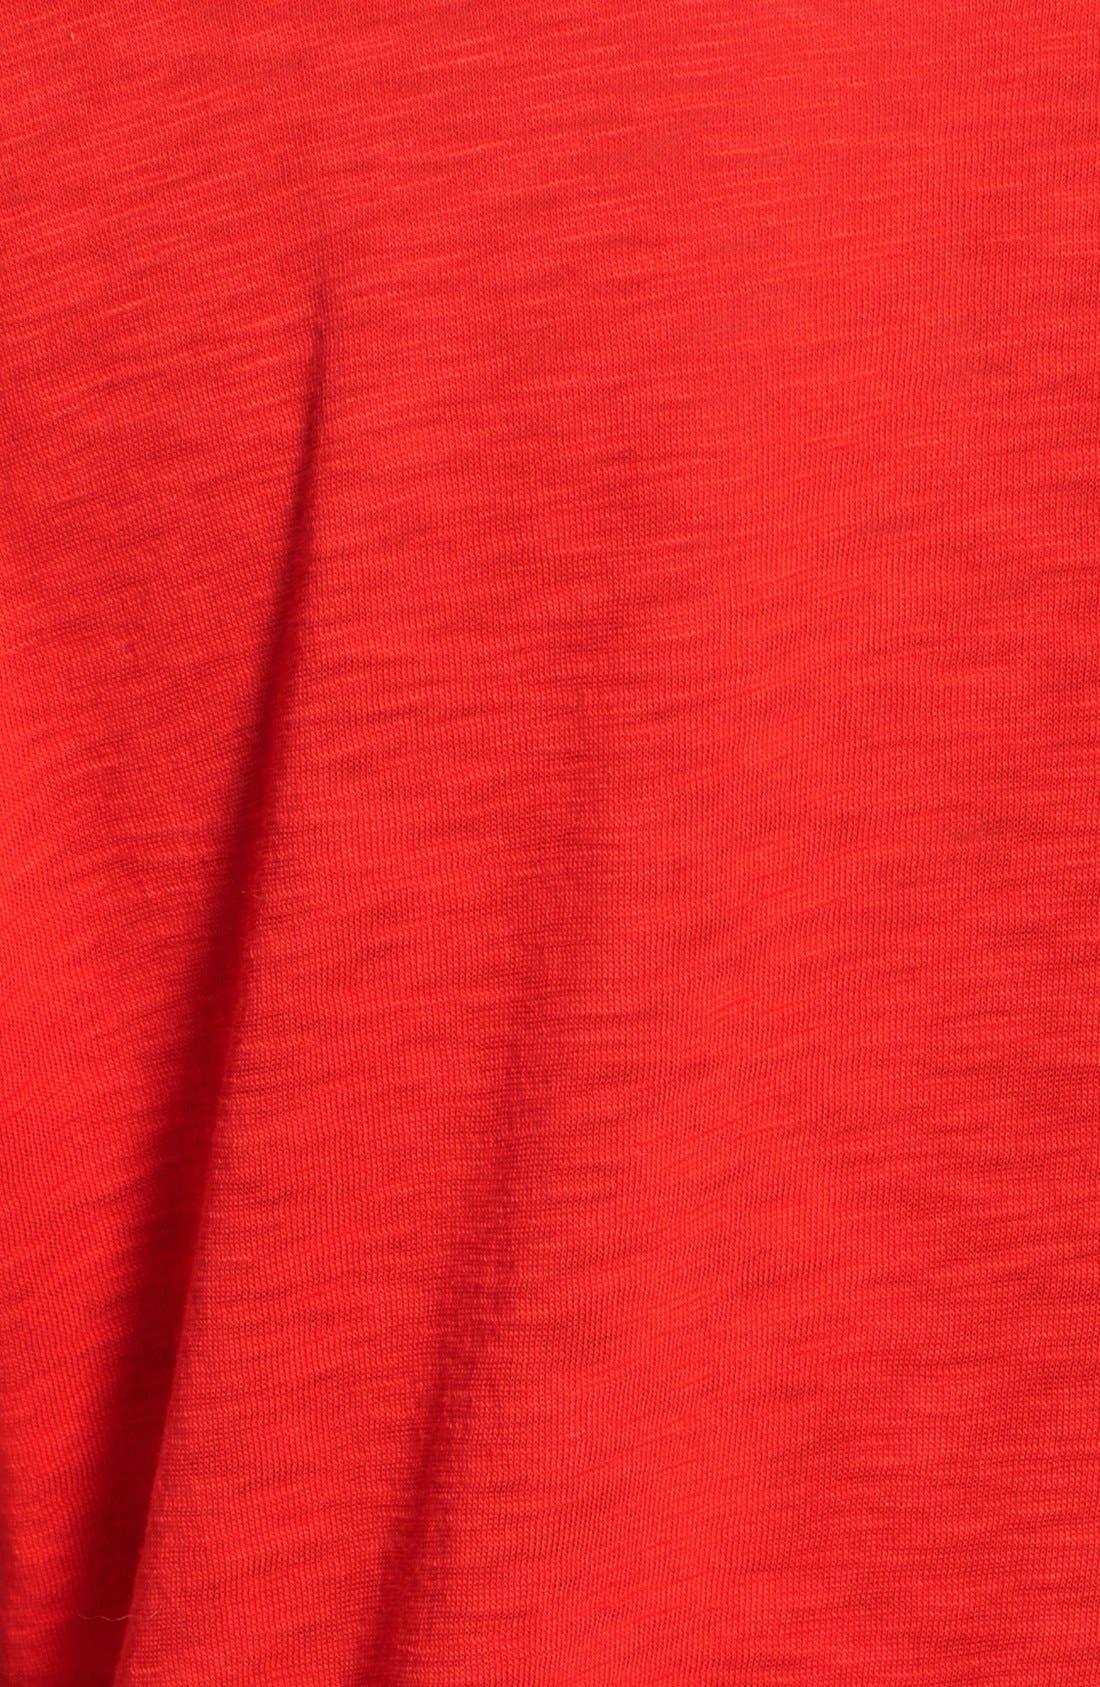 Alternate Image 3  - Stateside Slub Knit Supima® Cotton Tee